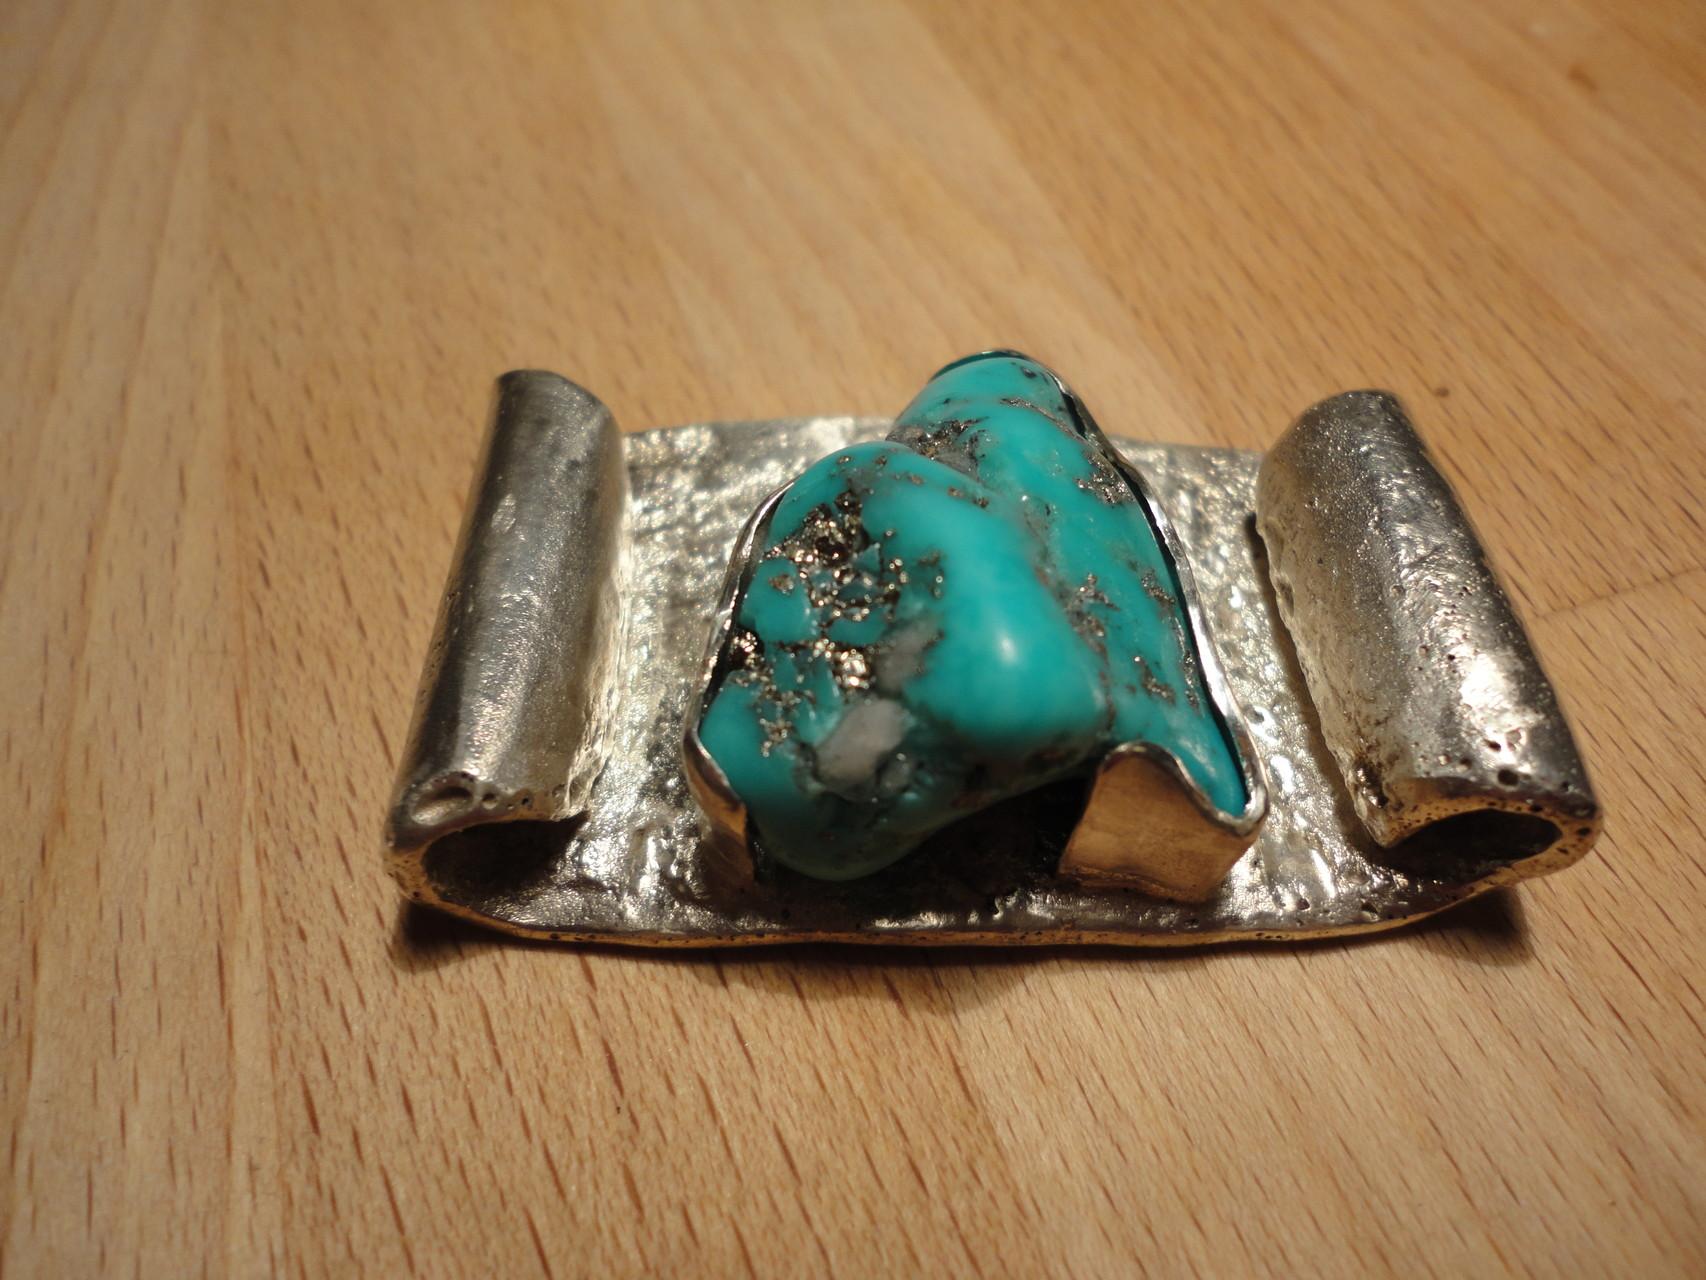 massiver Silberanhänger (60g) für Hals oder Handgelenk mit pyrit-versetztem Türkis (925 Sterlingsilber) Preis: CHF 390.-